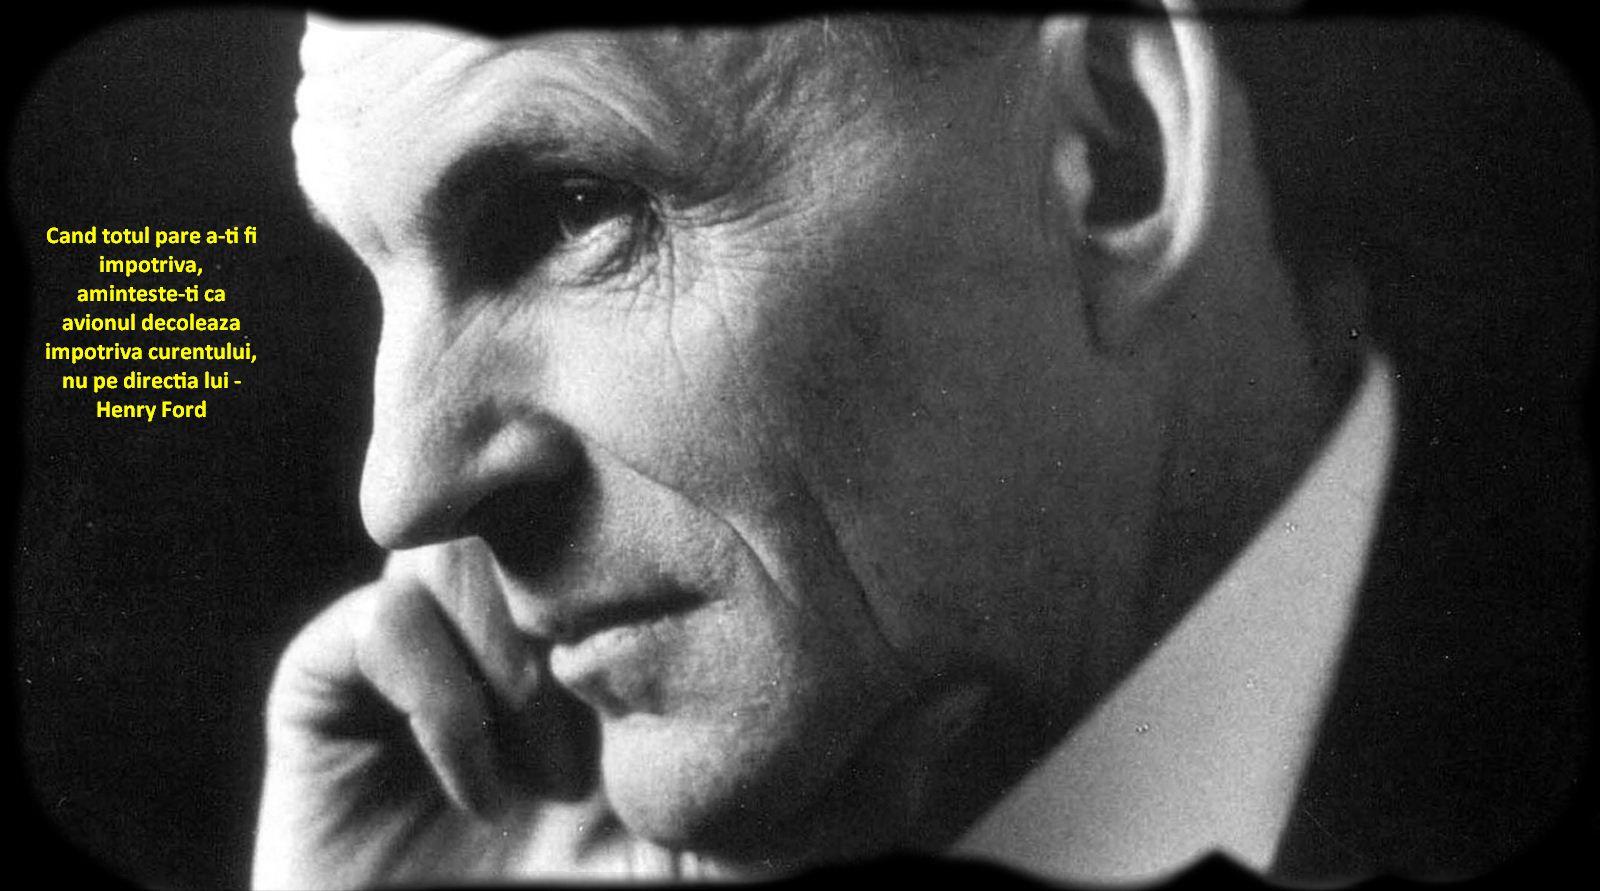 Cand totul pare a-ti fi impotriva, aminteste-ti ca avionul decoleaza impotriva curentului, nu pe directia lui – Henry Ford